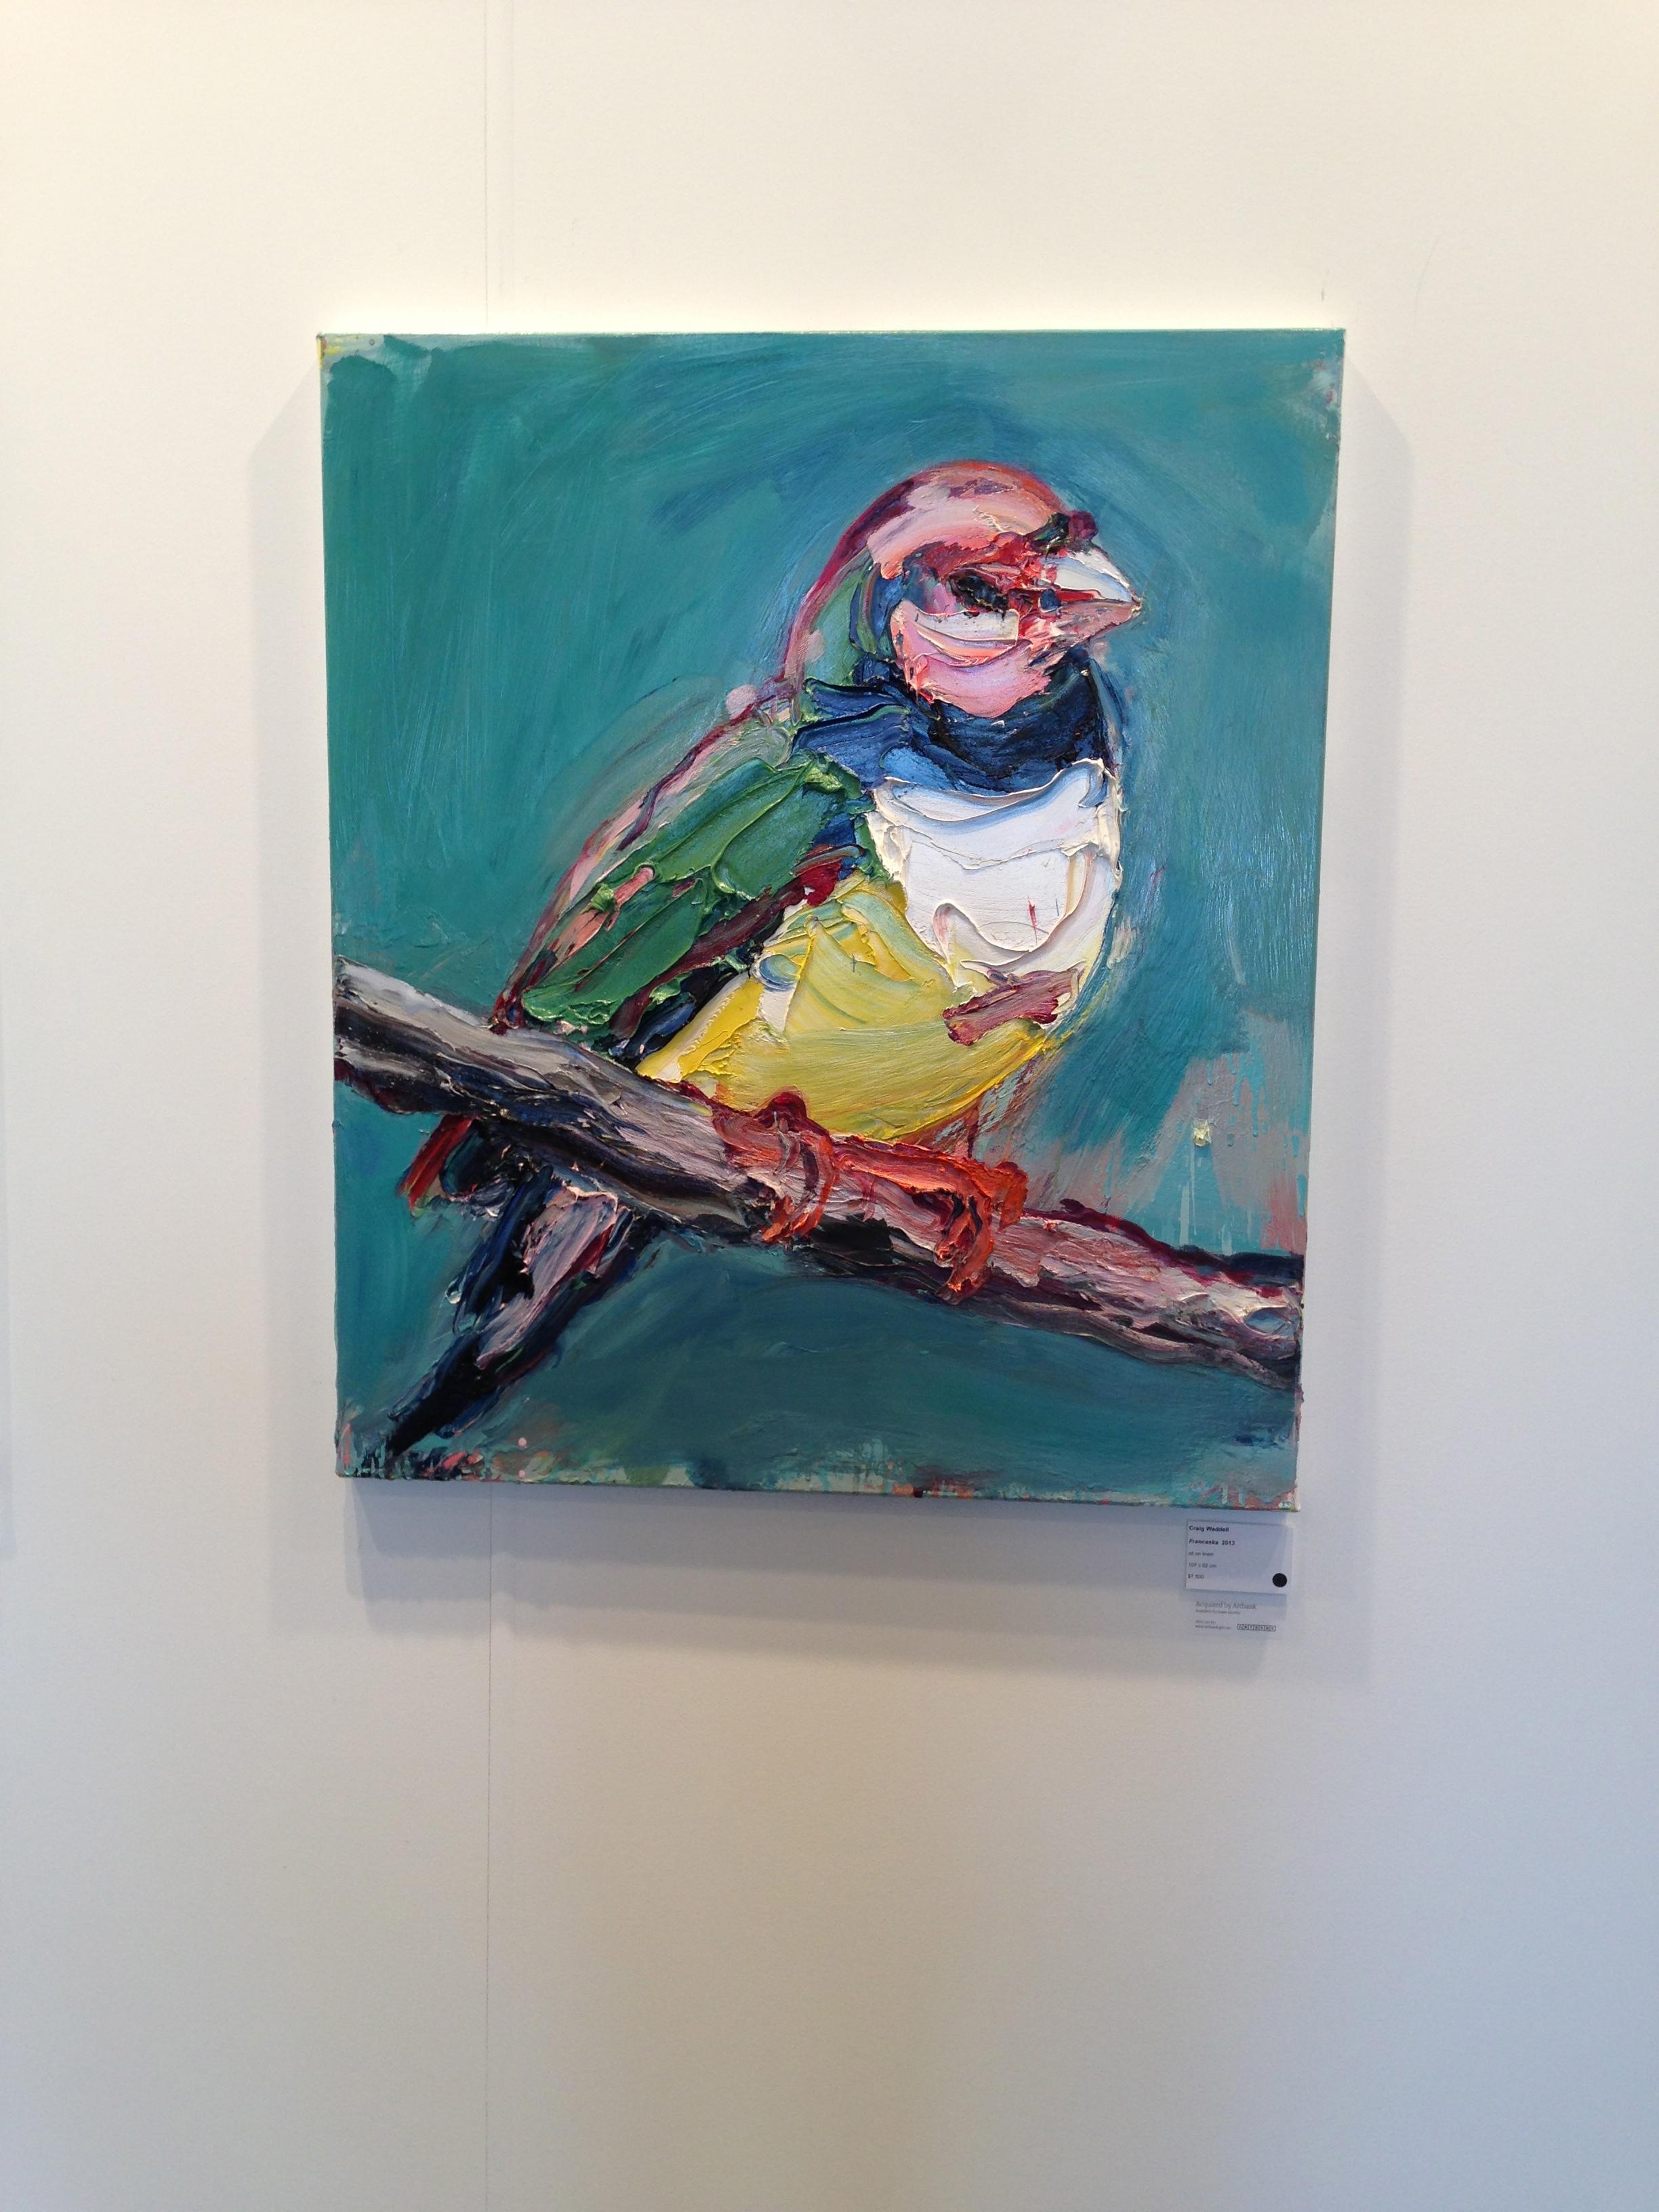 Franceska by Craig Waddell, Gallery 9, Sydney  Acquired by Artbank